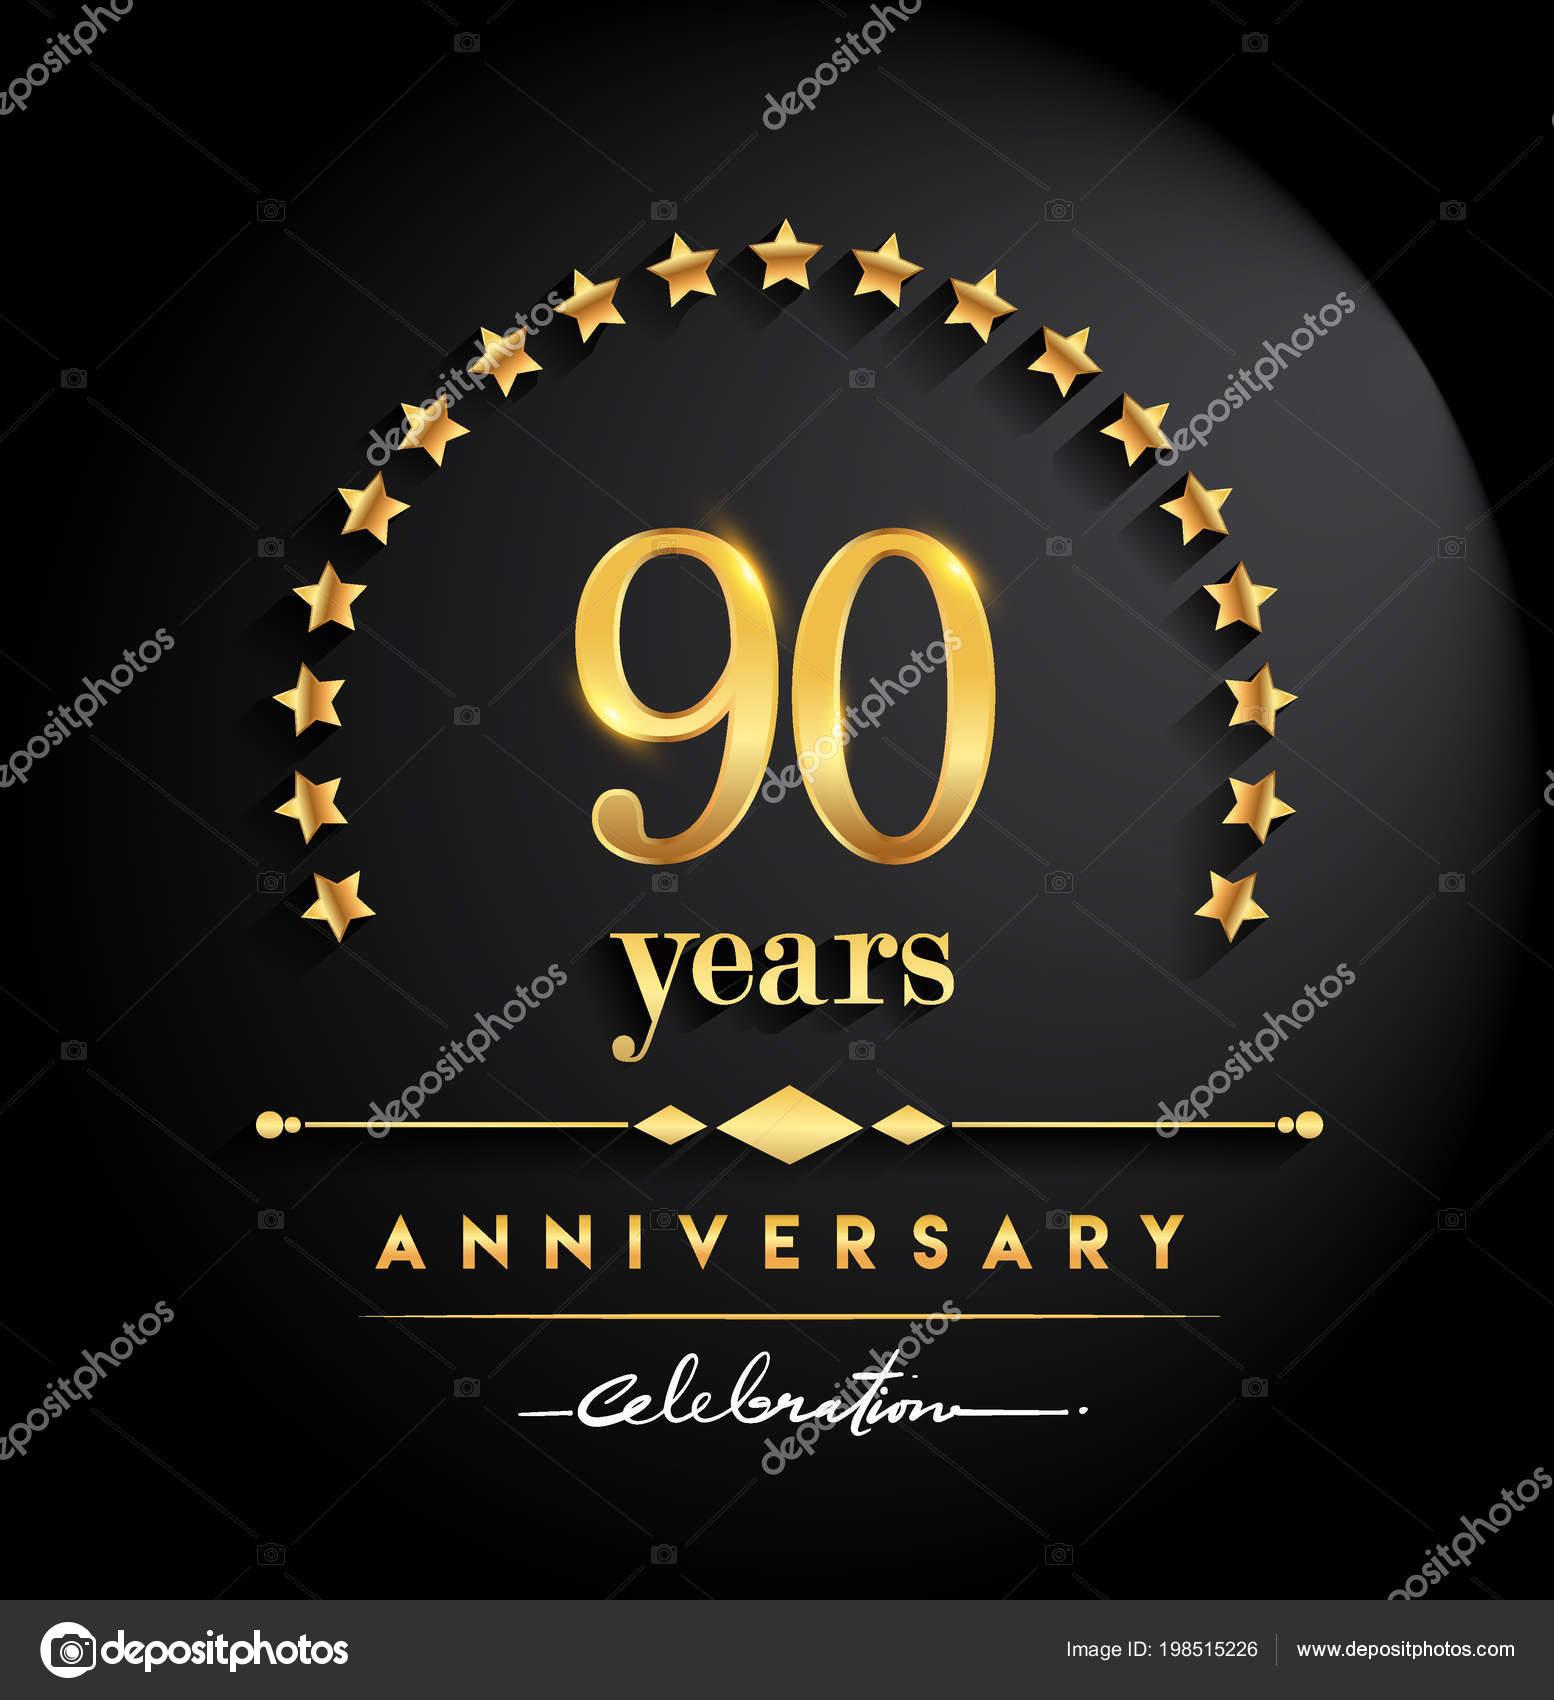 Celebración Aniversario Años Logo Aniversario Con Estrellas